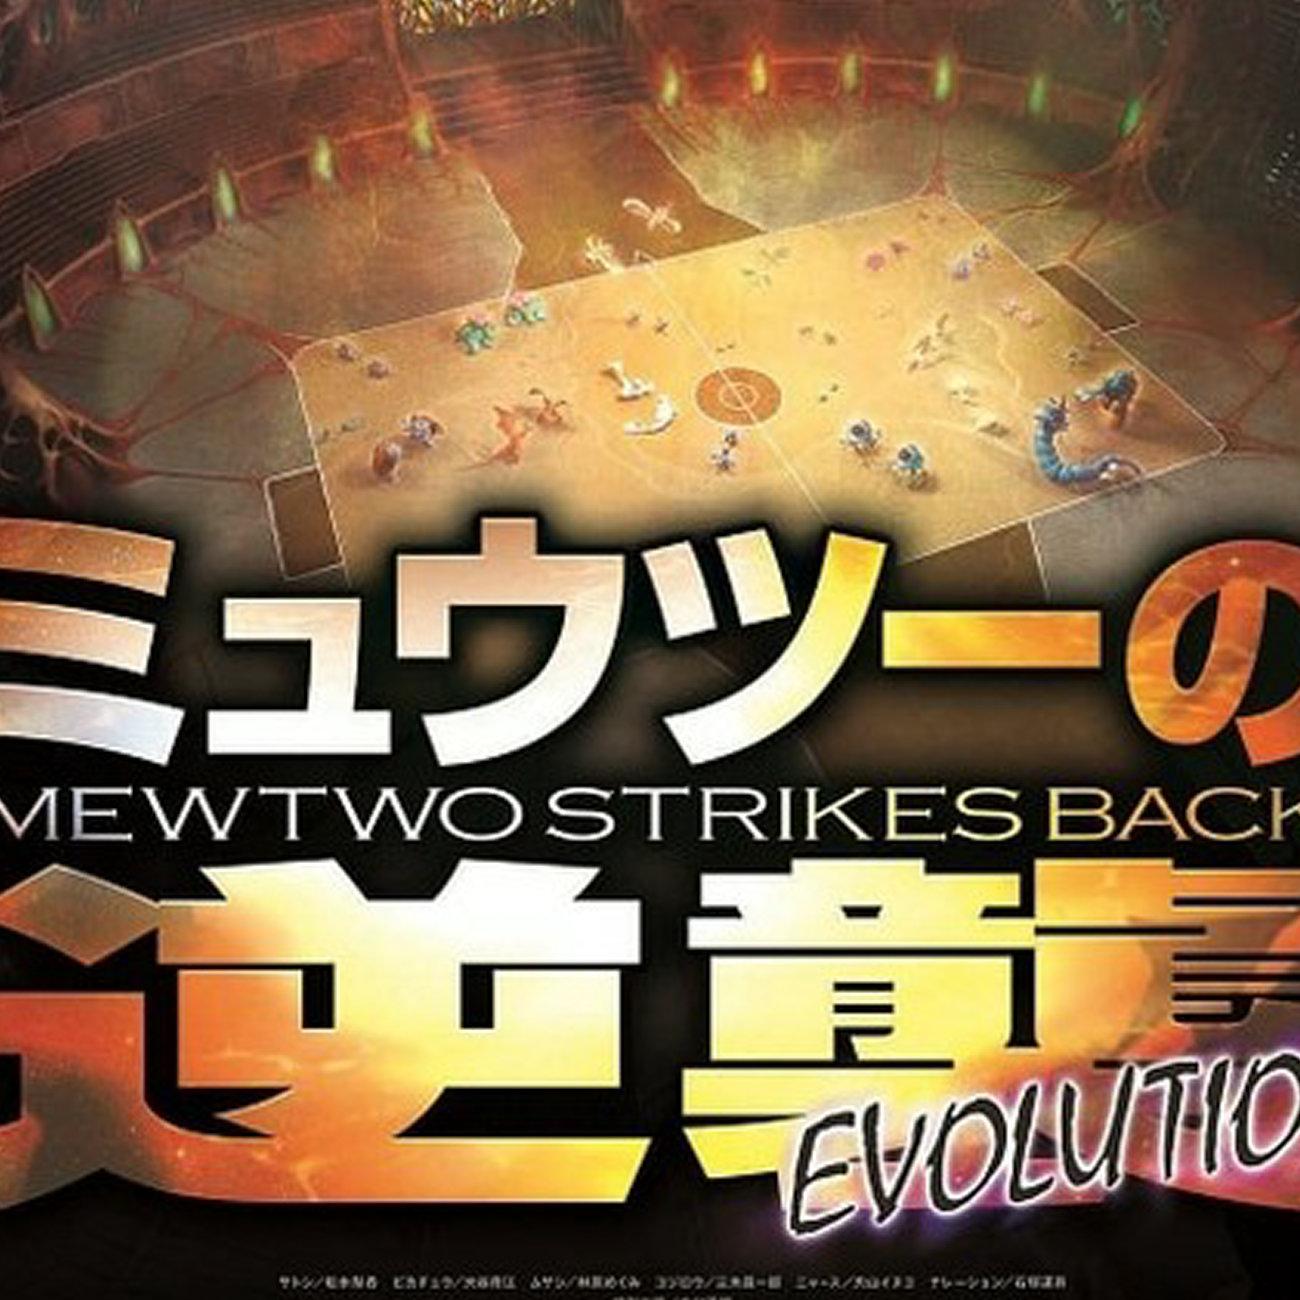 ミュウツーの逆襲 EVOLUTION、主題歌「風といっしょに」。限定盤の予約